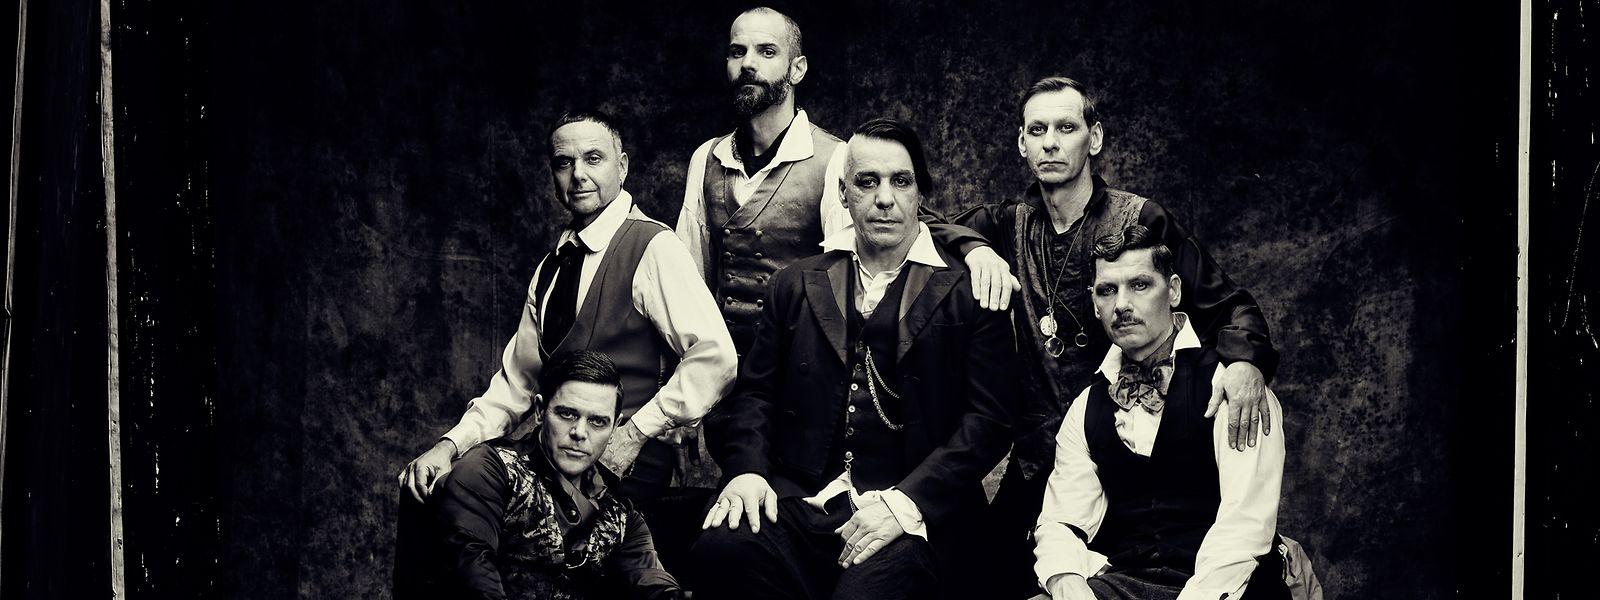 Rammstein wissen sich in Szene zu setzen. Das gilt besonders für ihre Bühnenshow, welche die Fans in Luxemburg am 20. Juli live erleben dürfen.